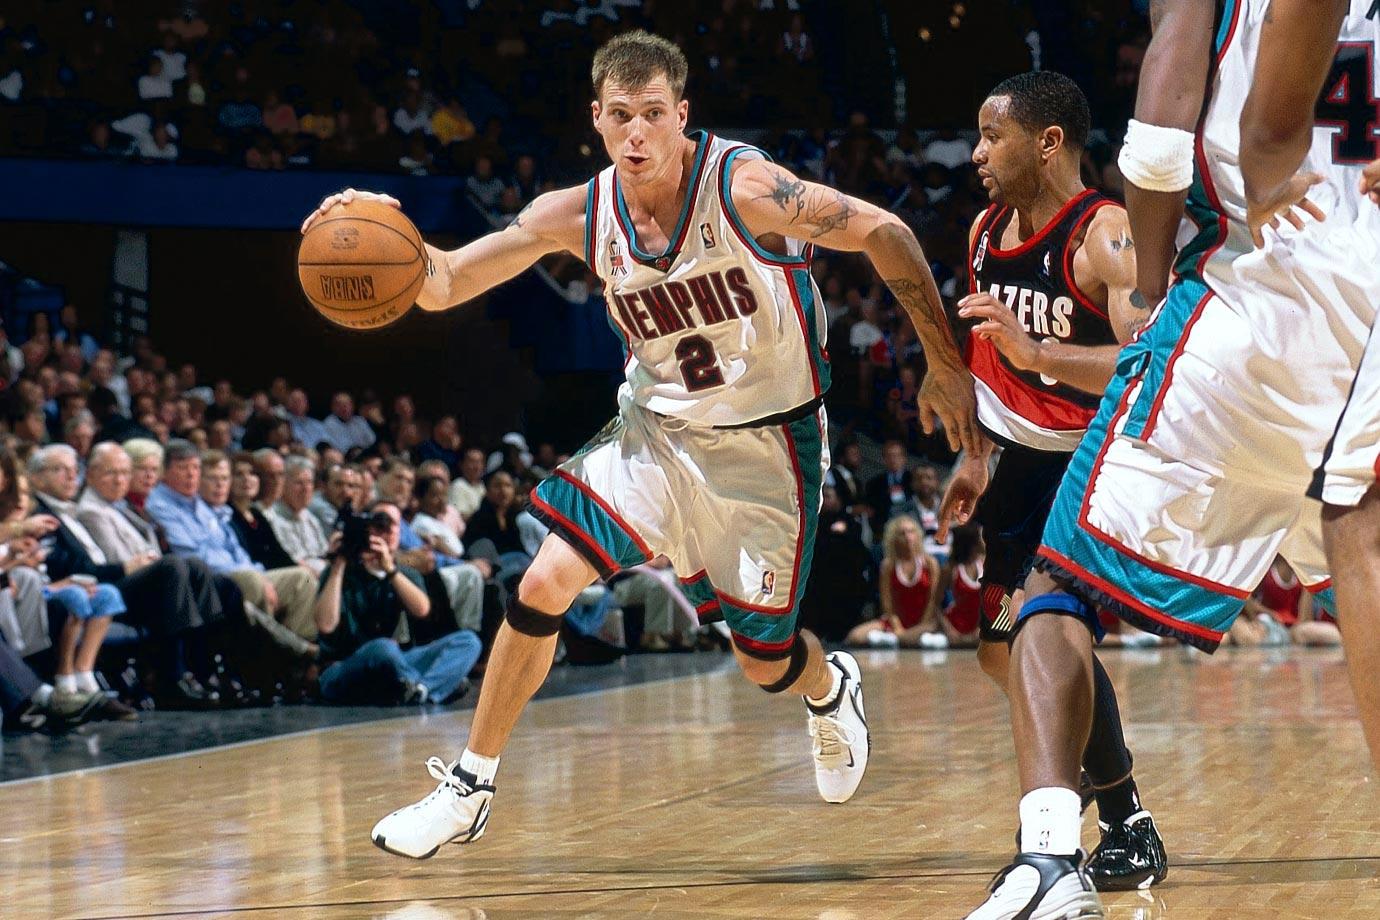 Florida Gators (1997-98), NBA (1998-08, 2009-11)